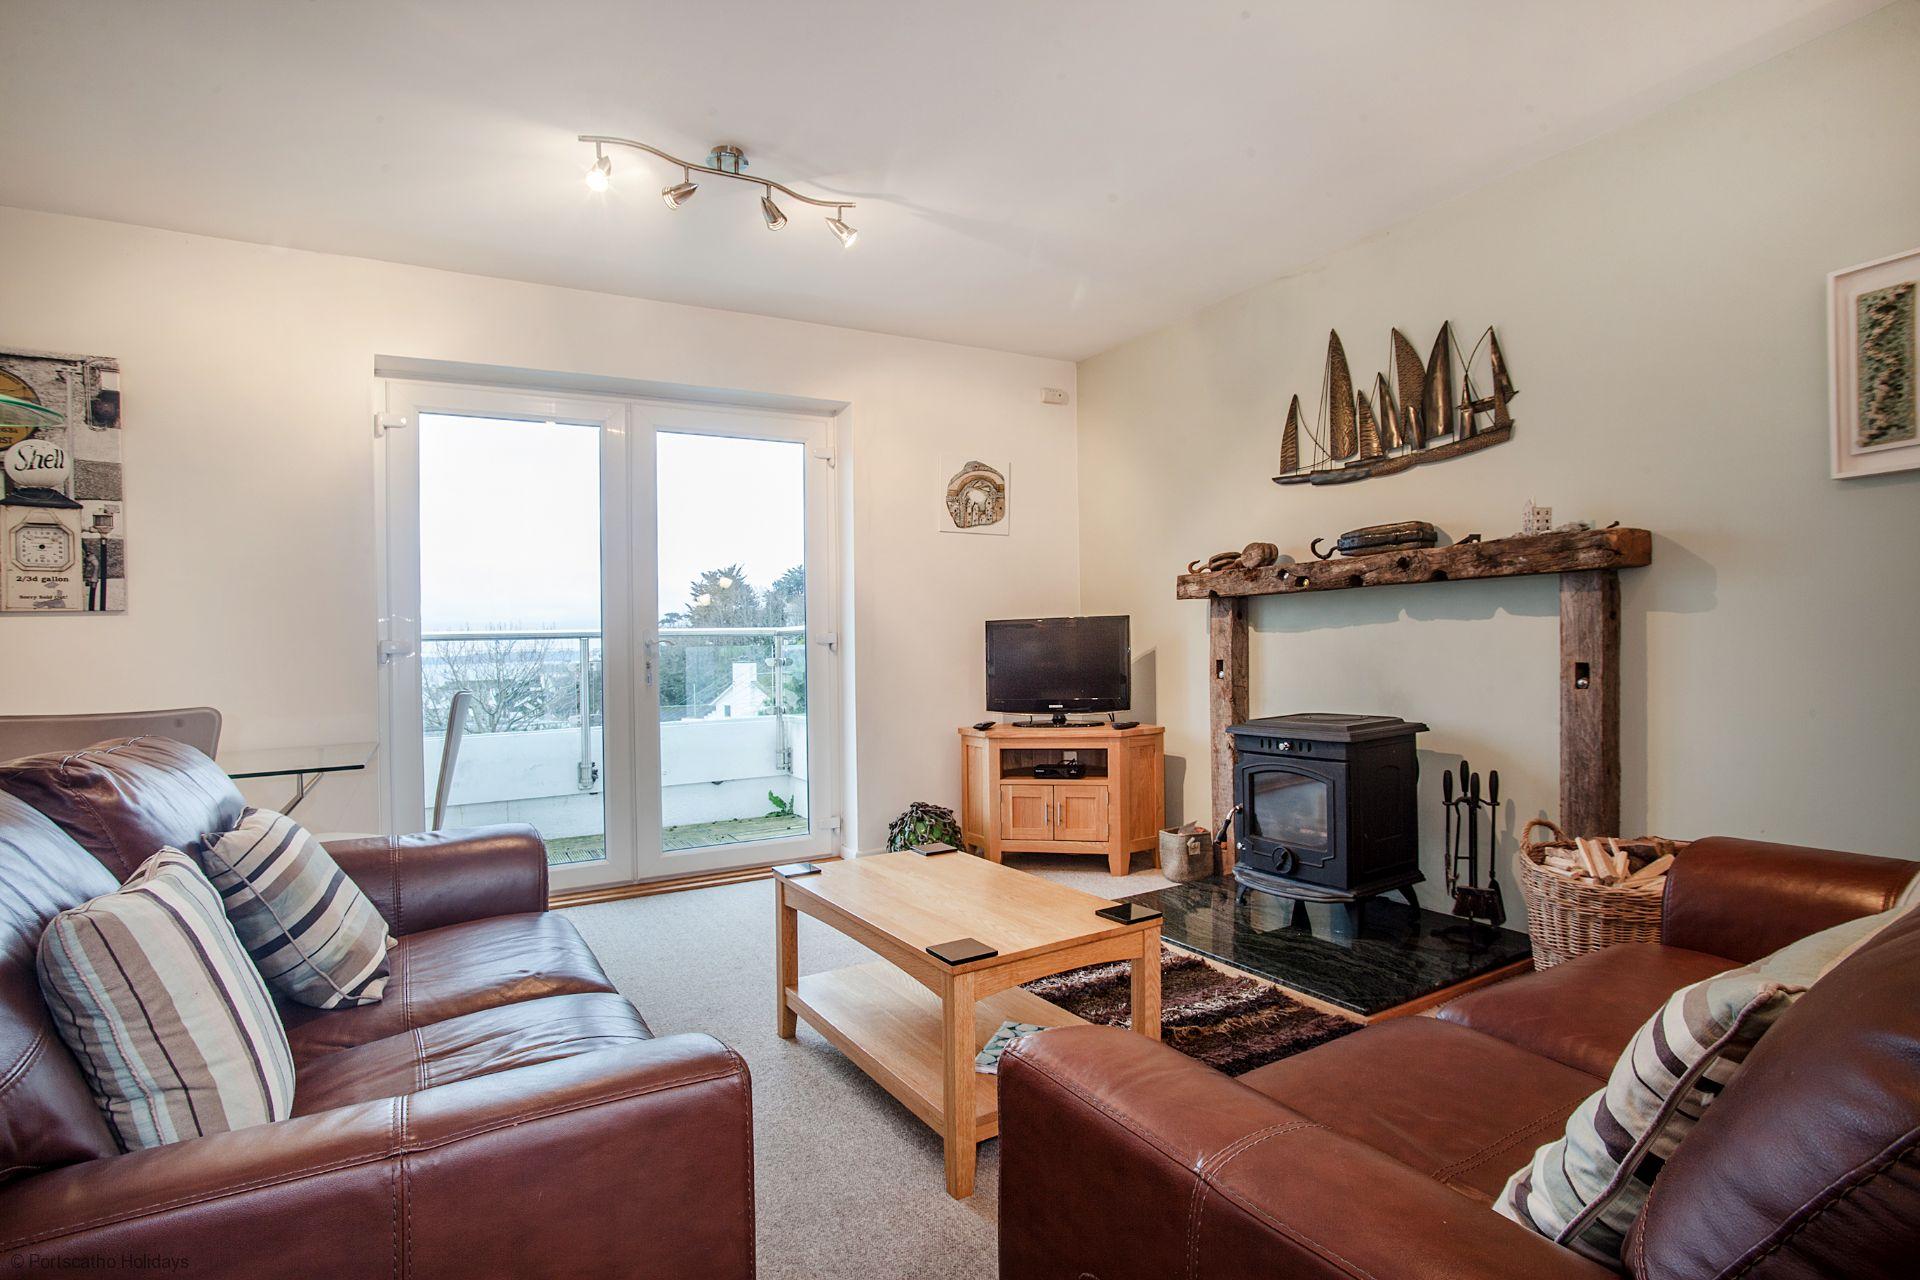 A Loft; St Mawes; Sitting Room